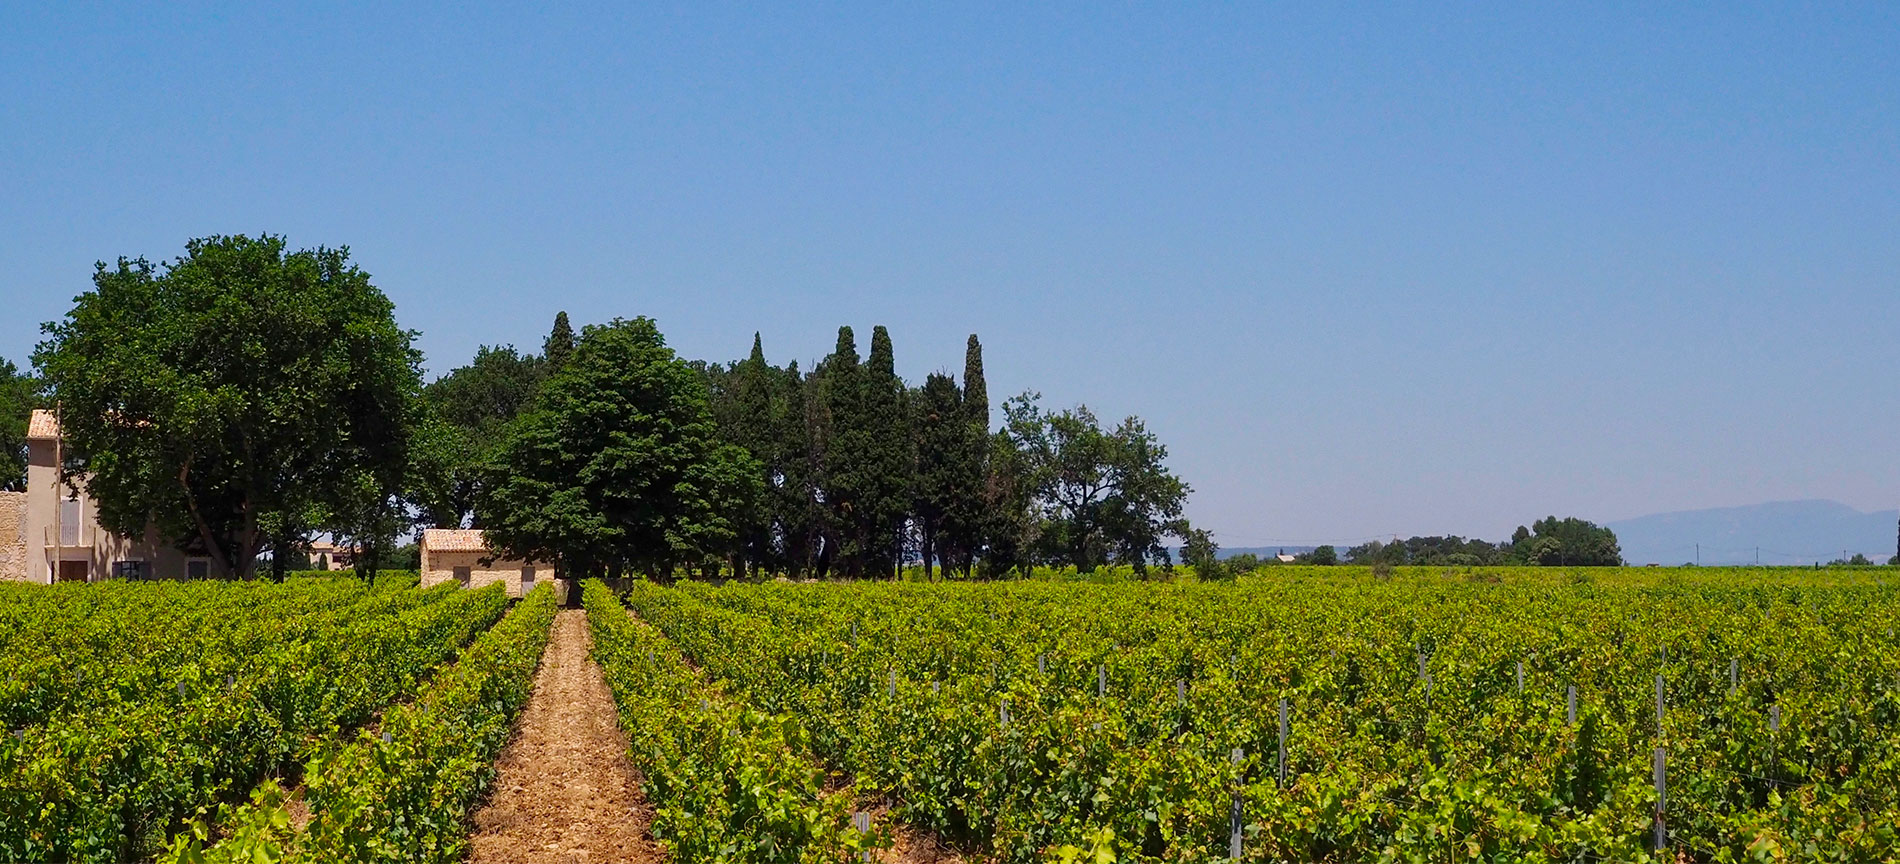 domaine viticole, vin, vacqueyras